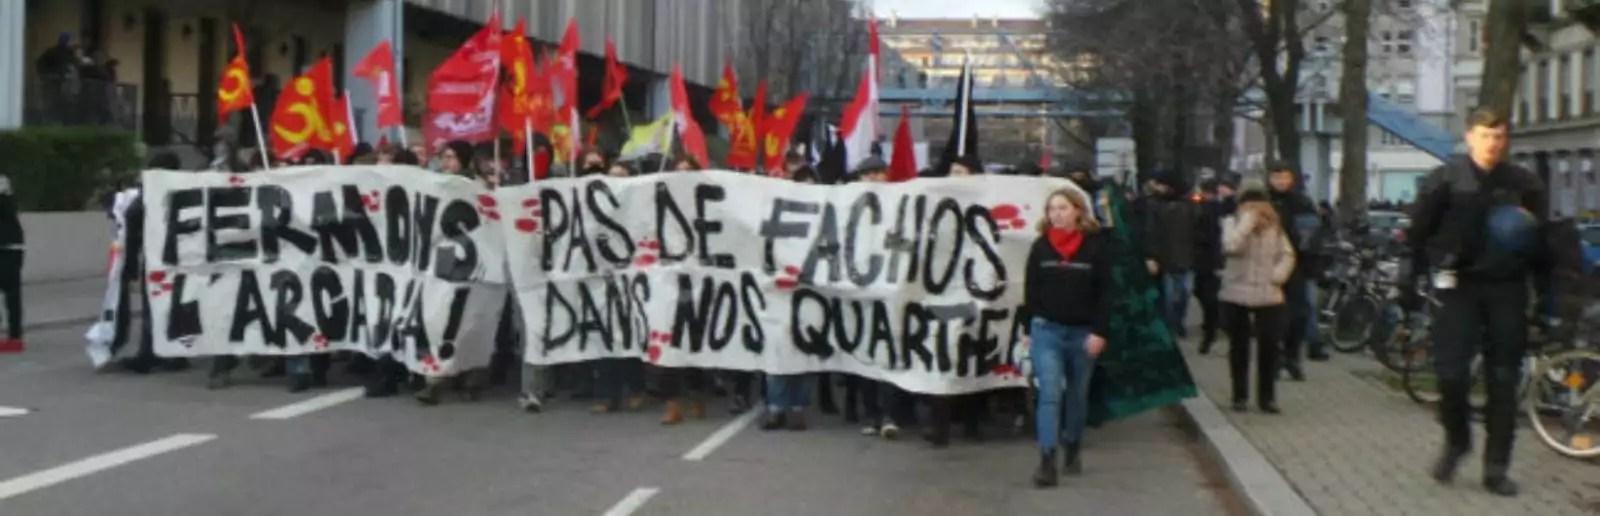 Deuxième manifestation samedi pour la fermeture de l'Arcadia à Strasbourg